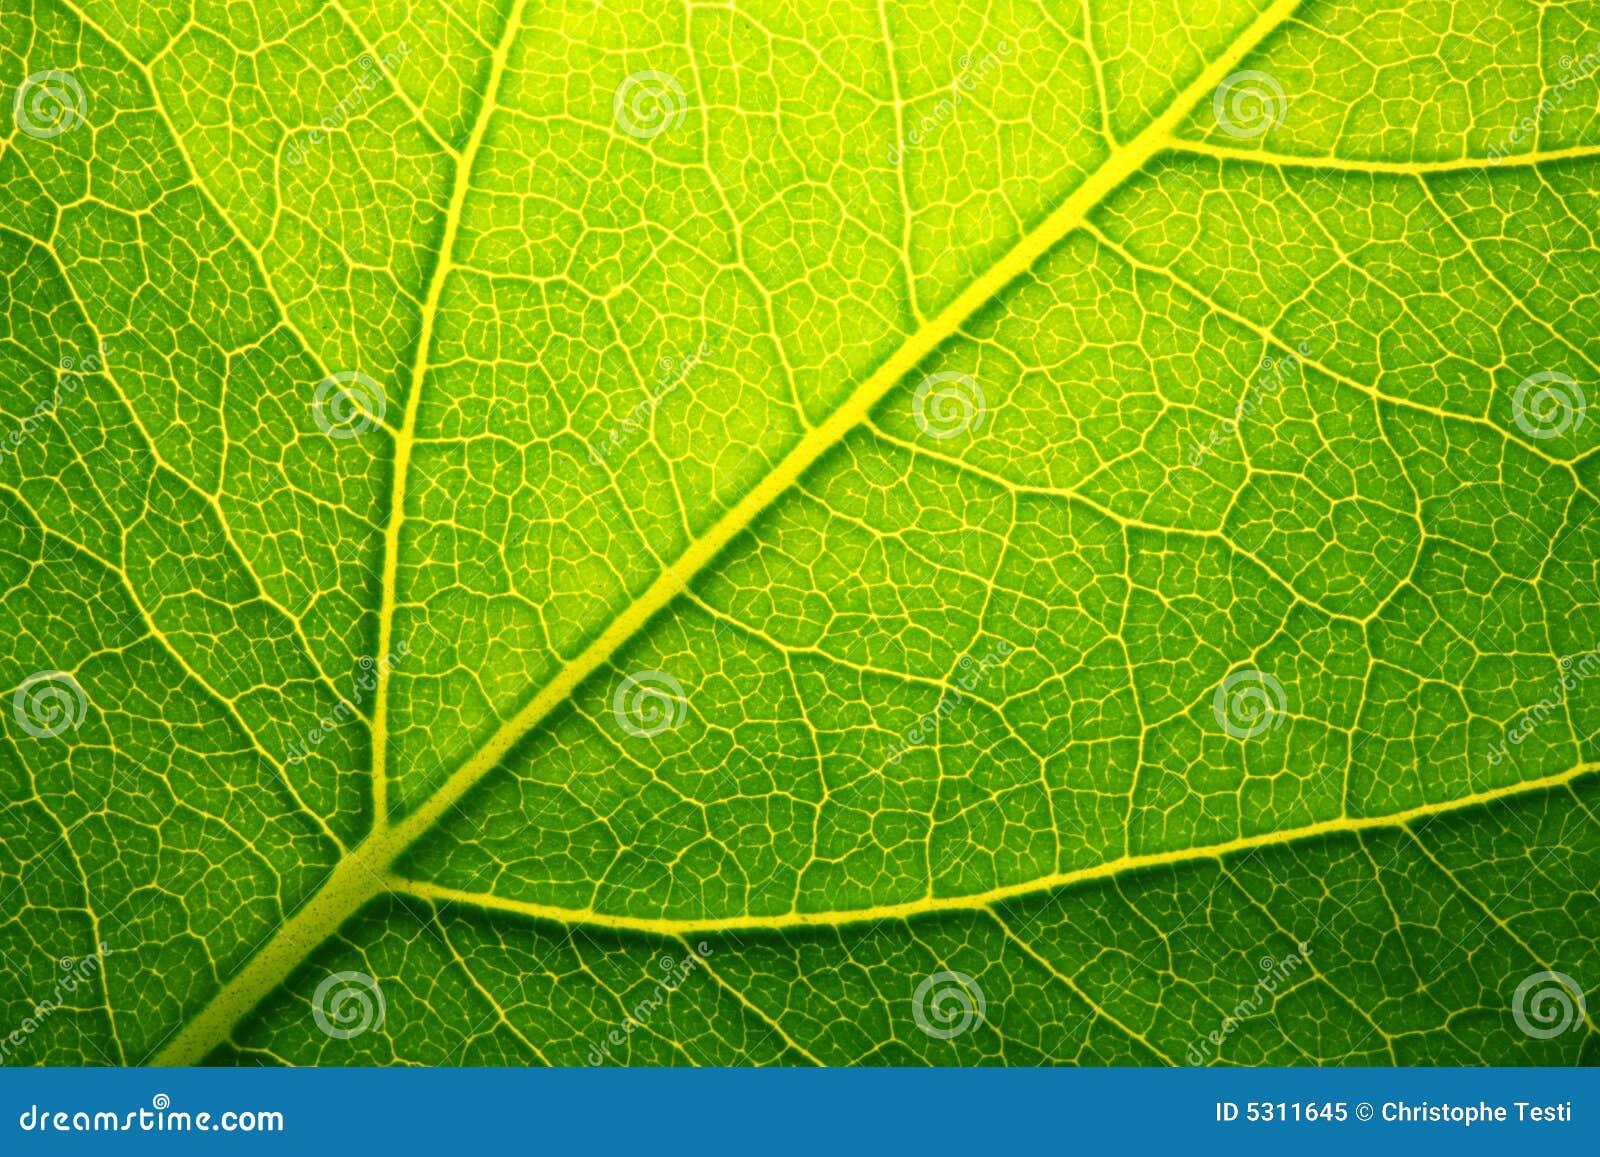 Download Foglio verde immagine stock. Immagine di naughty, riga - 5311645